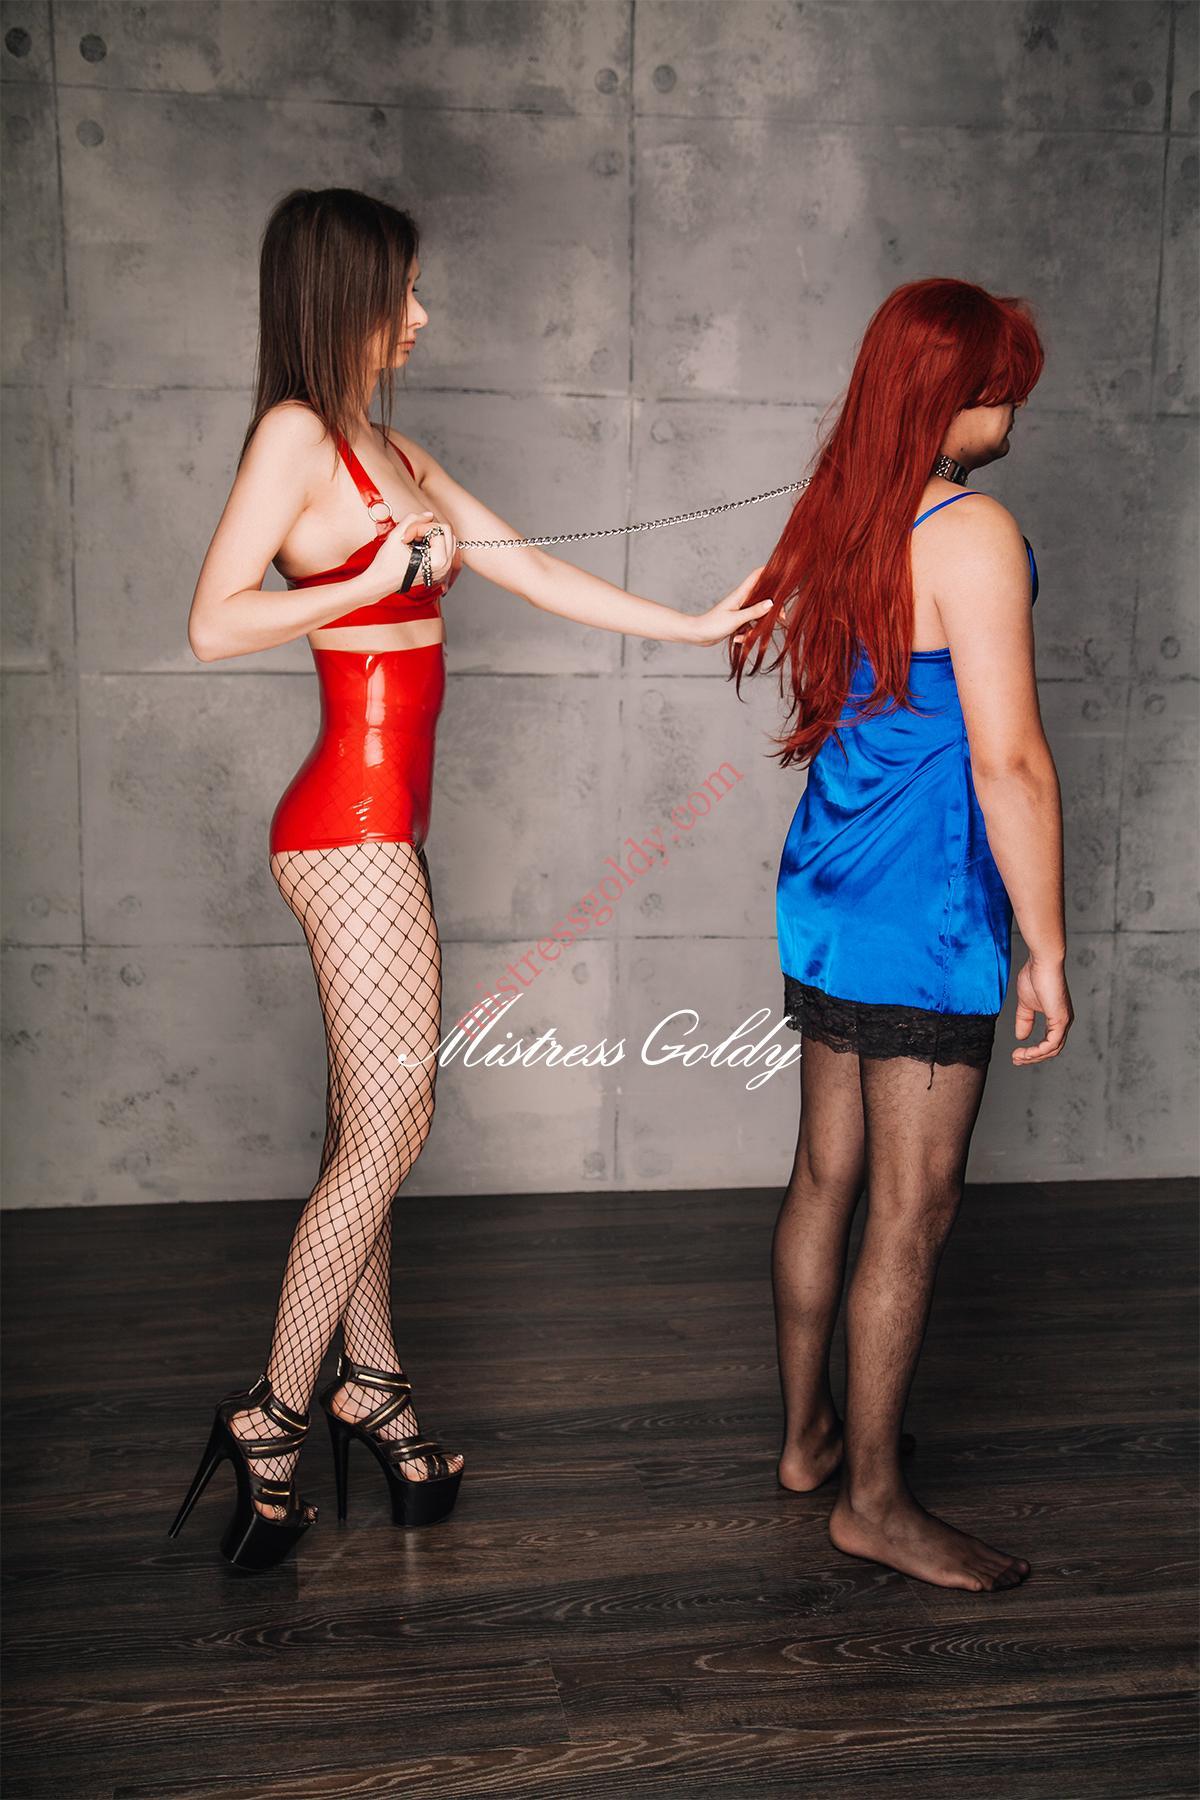 БДСМ-практики и переодевание в девочку - Mistress Goldy ...